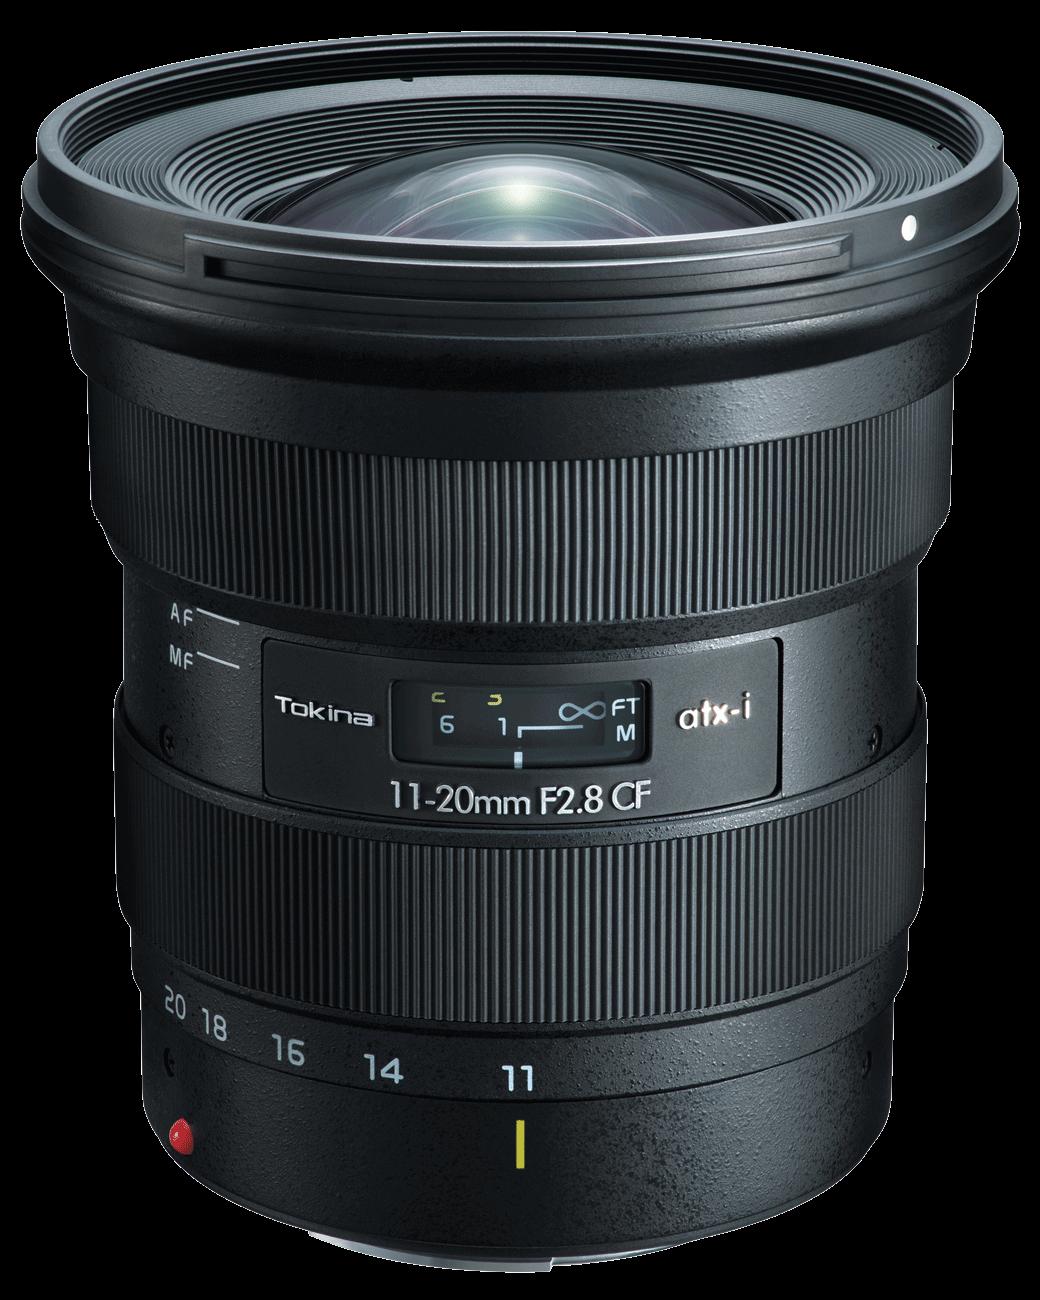 Obiektyw Tokina ATX-I 11-20 F2.8 Canon